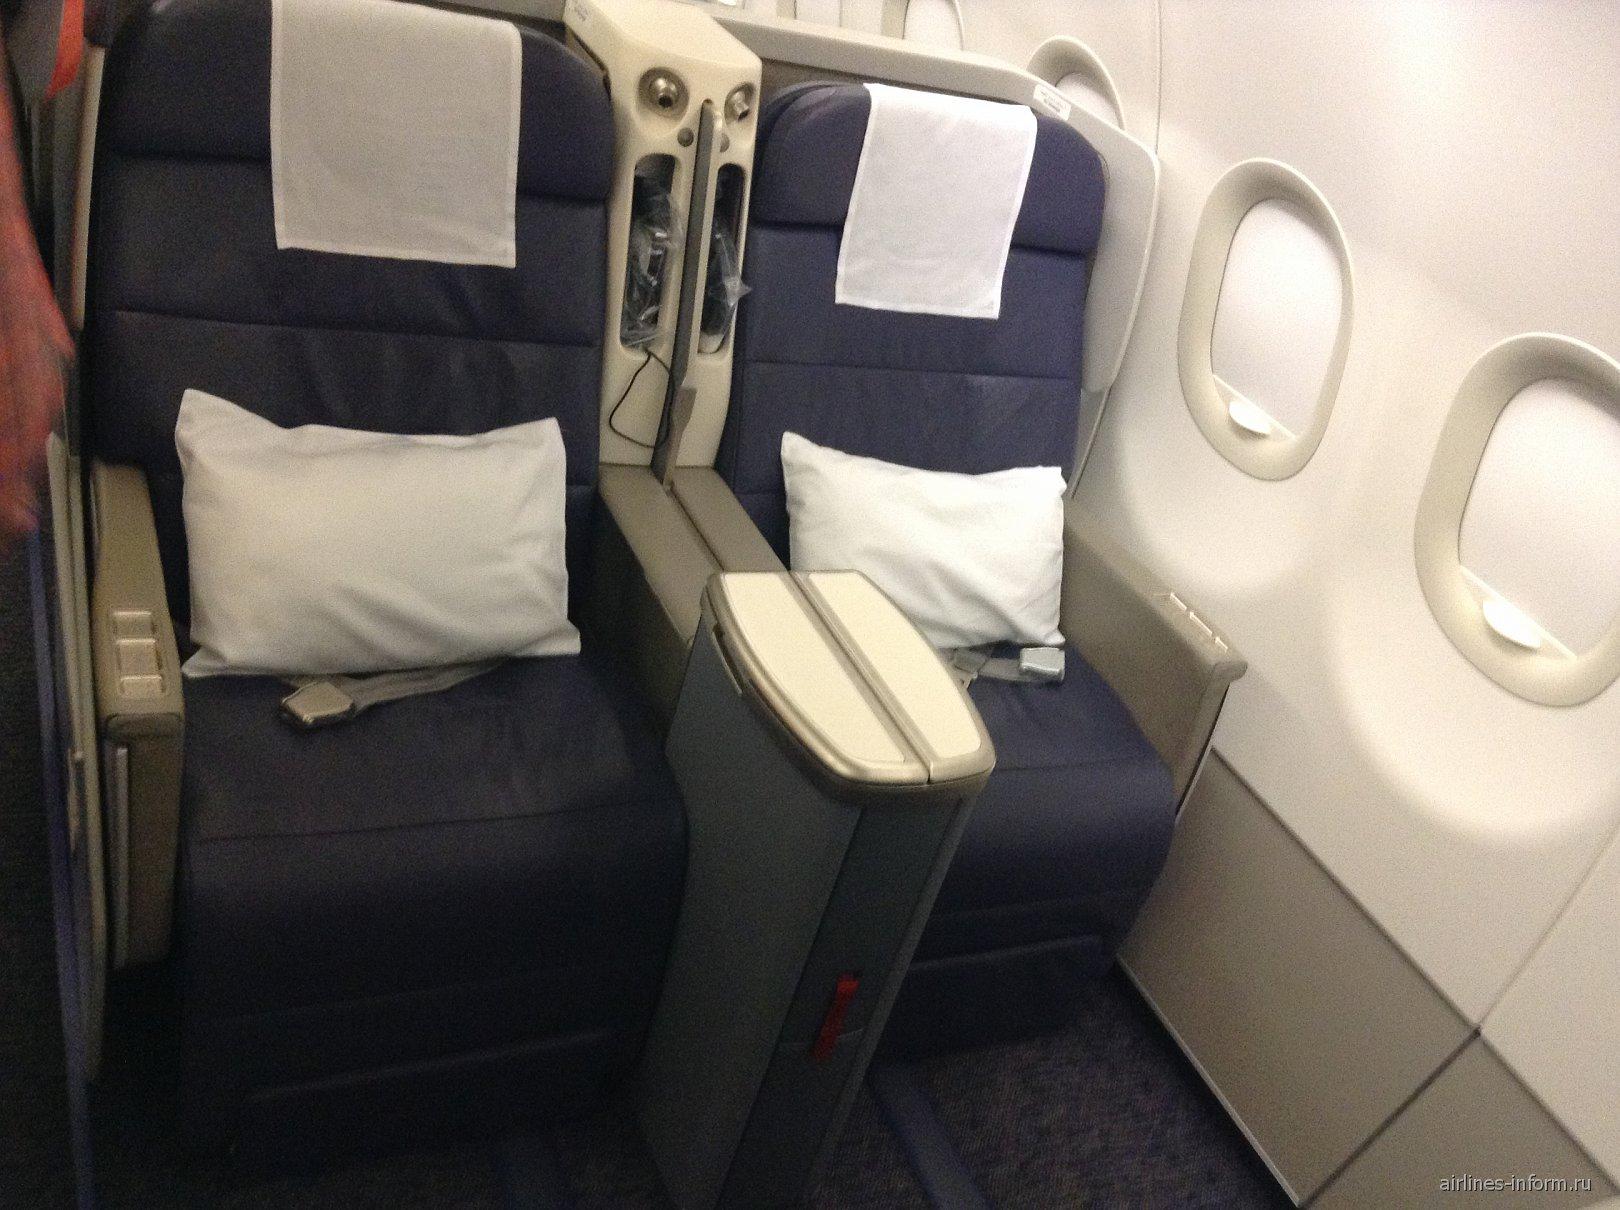 Салон бизнес-класса в самолета Airbus A320 авиакомпании Gulf Air